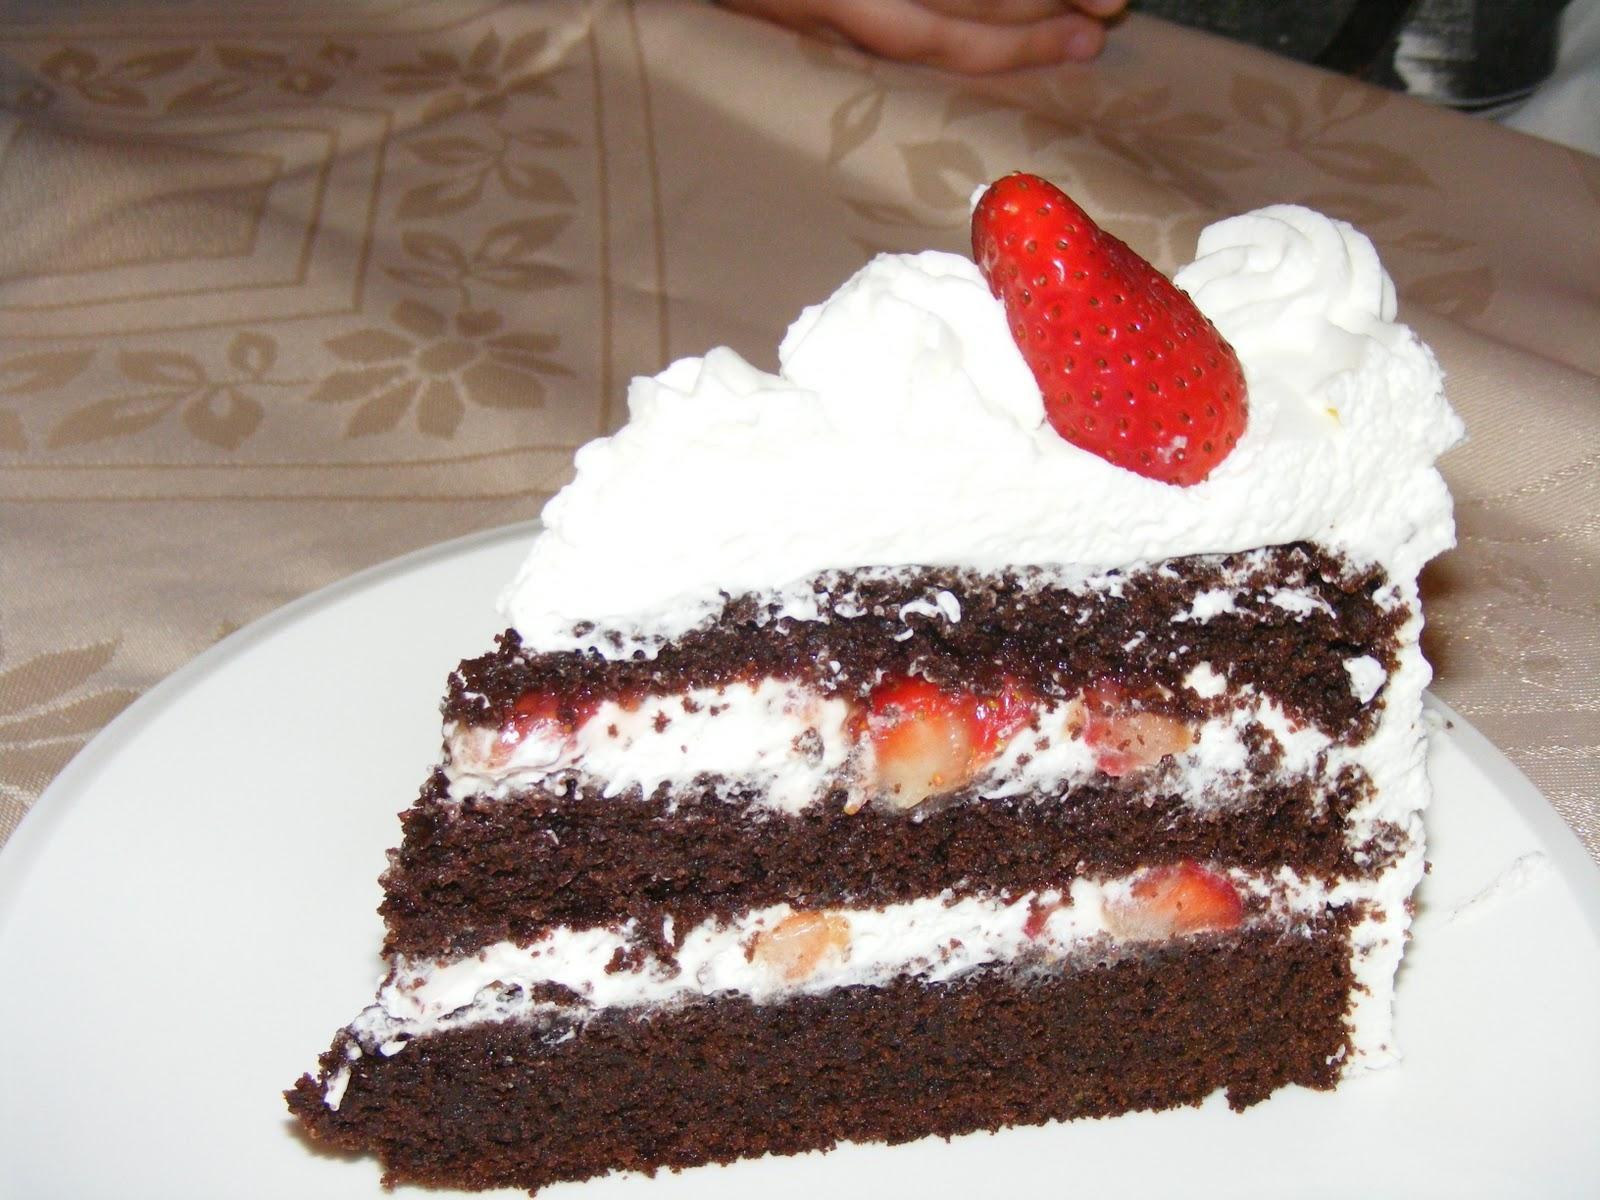 Layer cake fraises chocolat et chantilly au mascarpone10